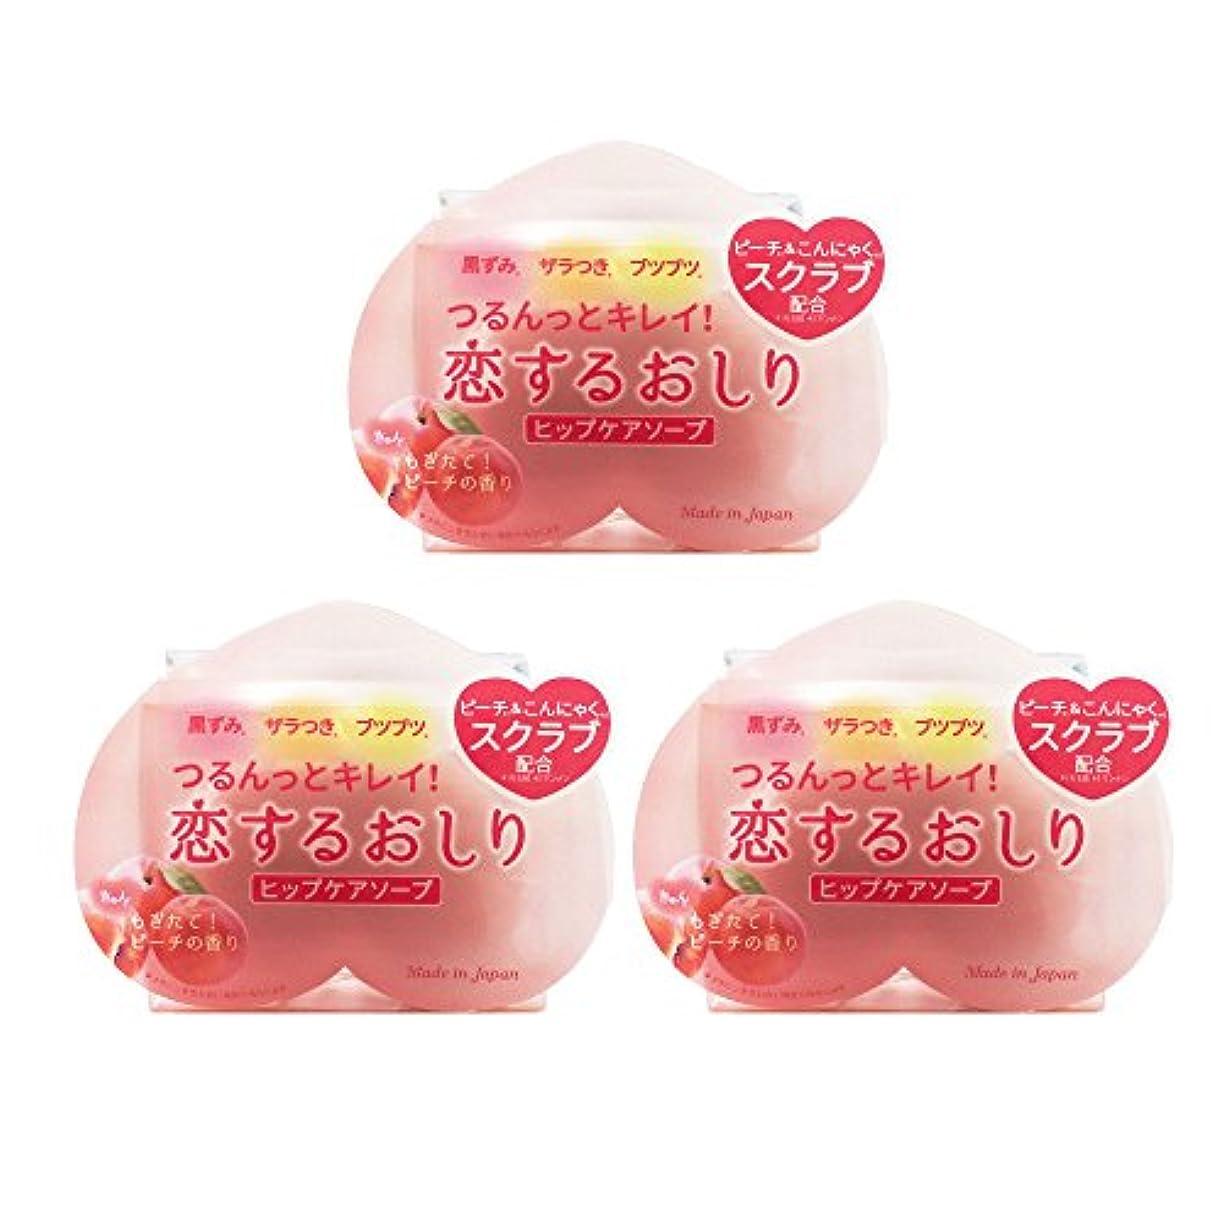 (ペリカン石鹸)恋するおしりヒップケアソープ 80g(お買い得3個セット)